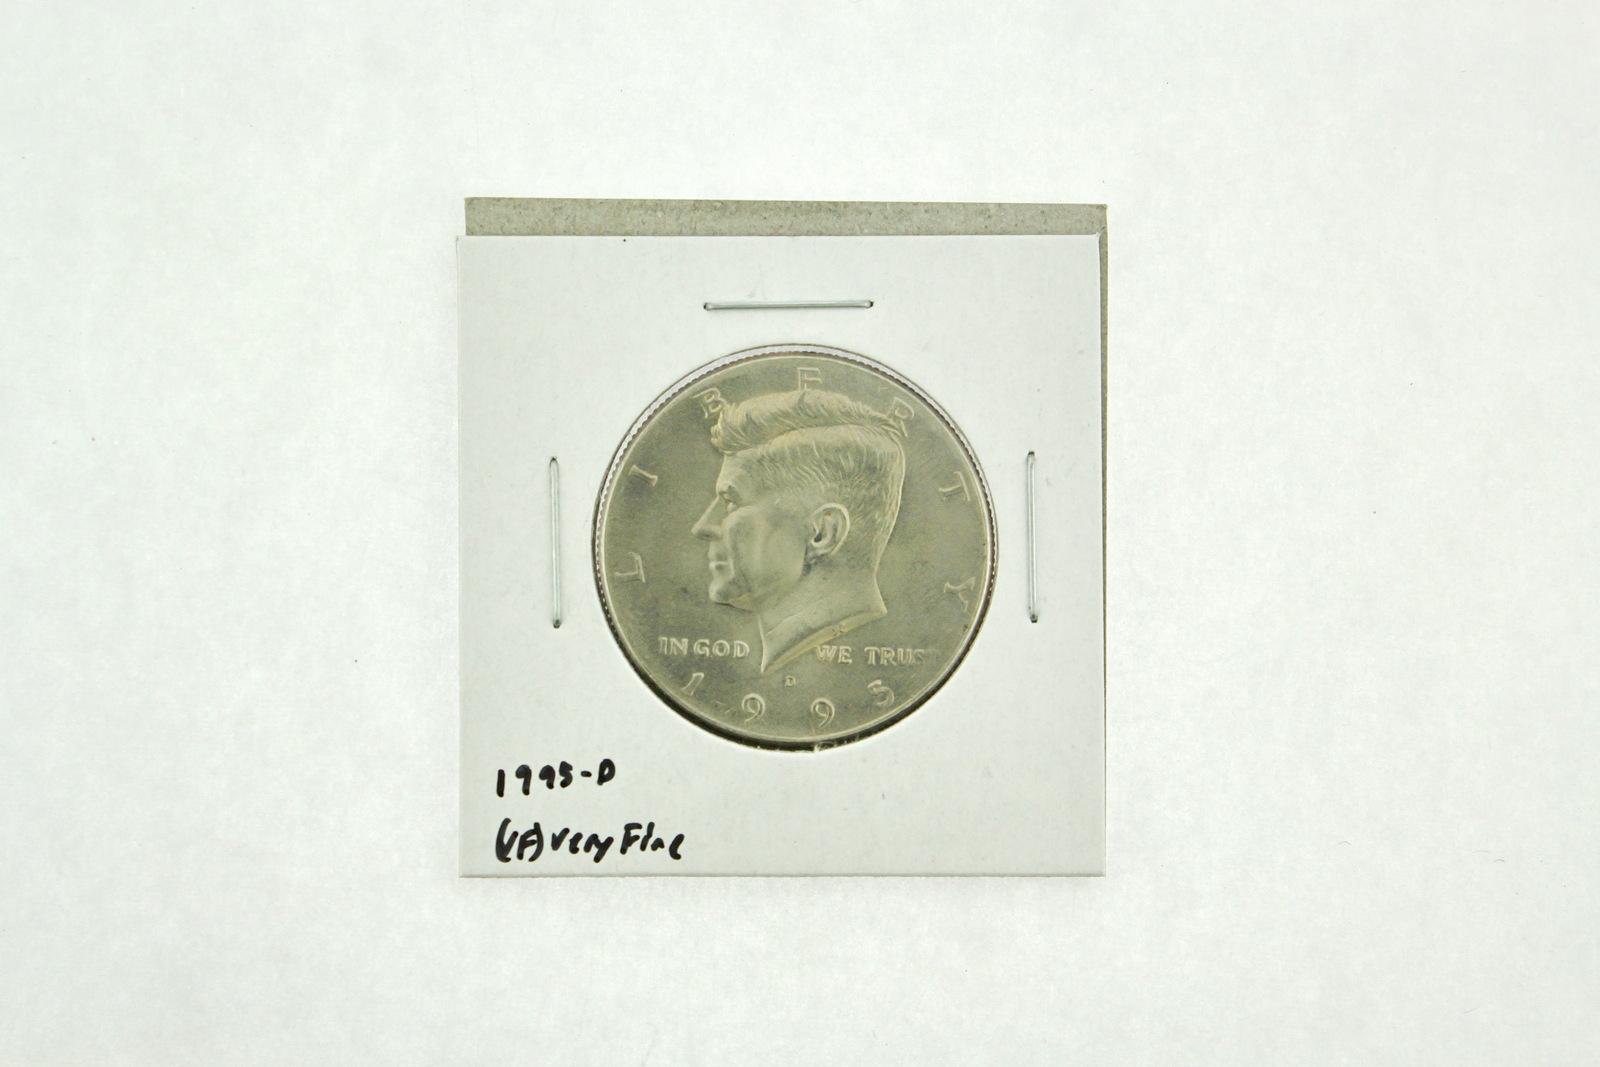 1995-D Kennedy Half Dollar (VF) Very Fine N2-3872-6